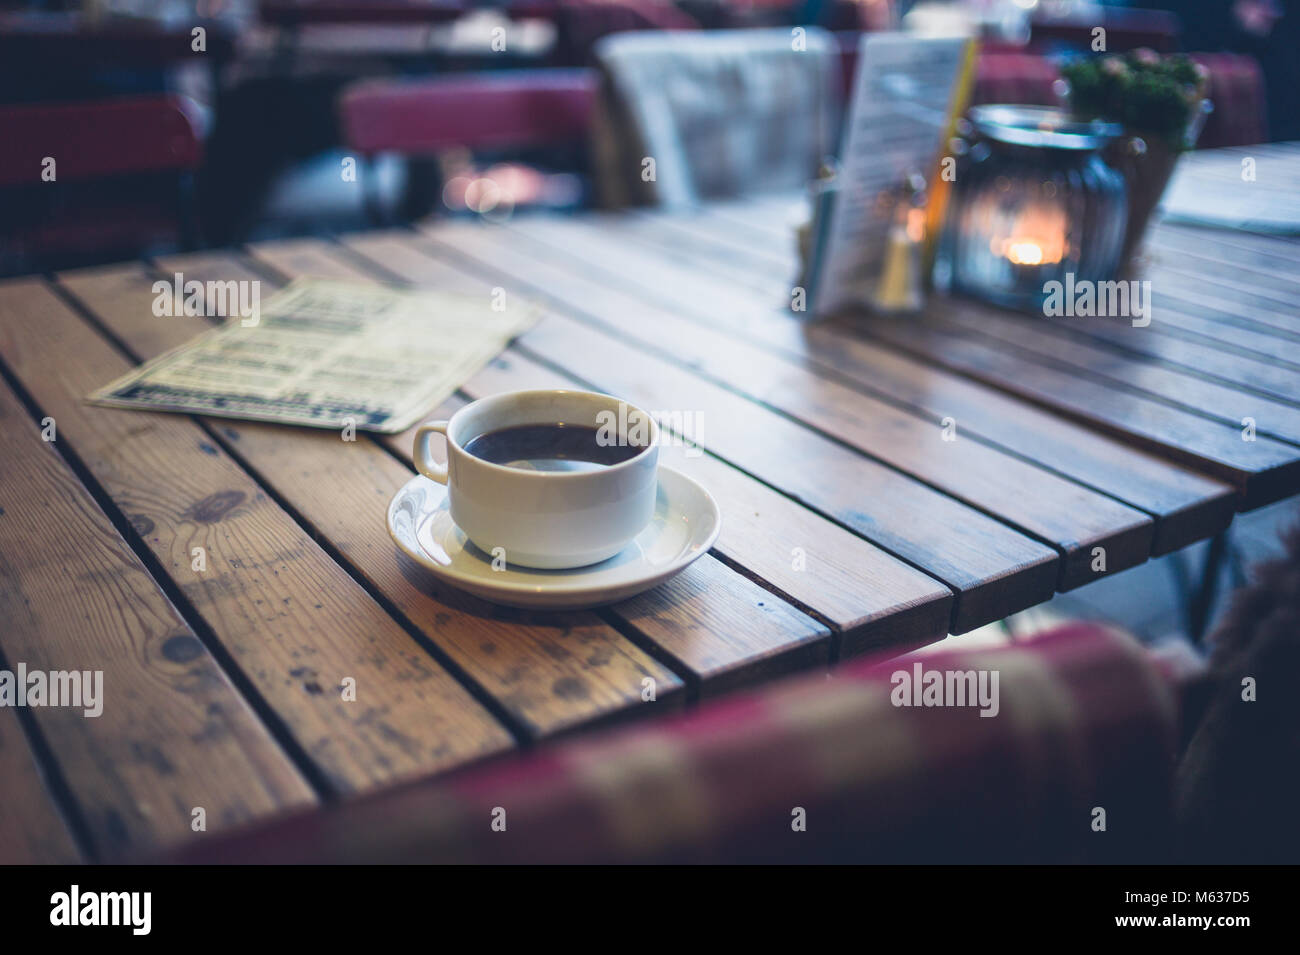 Eine Tasse Kaffee auf einem Tisch in einem Cafe außerhalb Stockbild